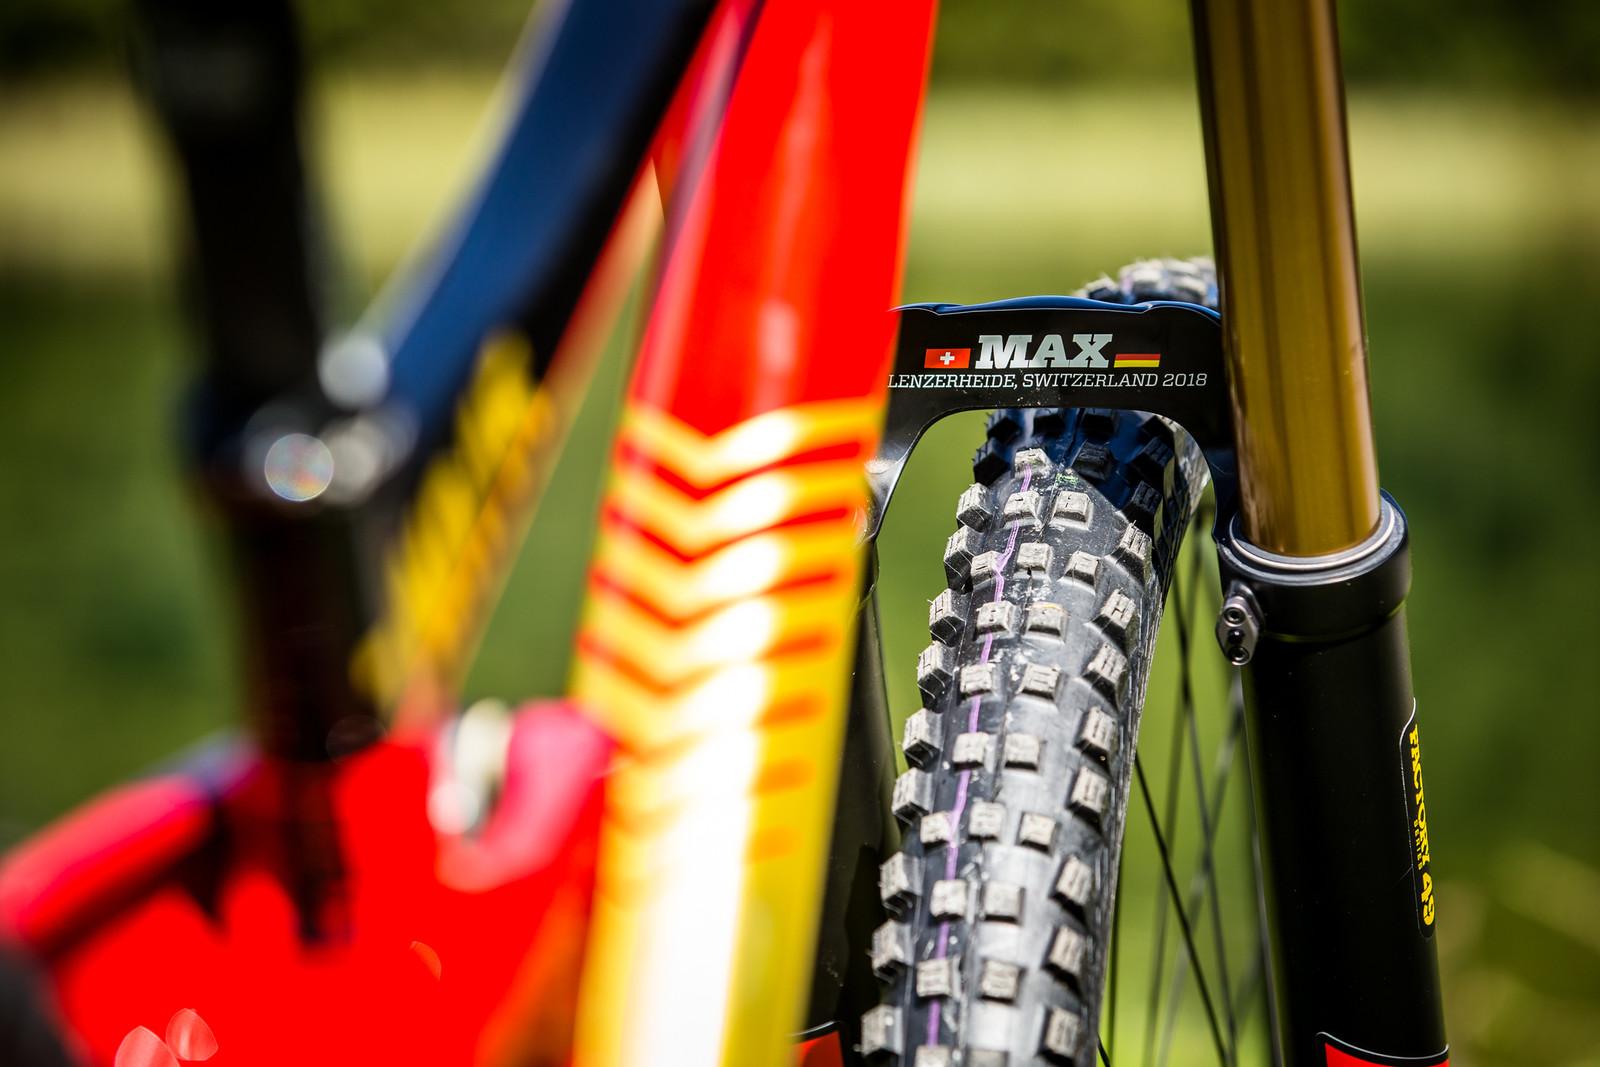 Hot Fire - WORLD CHAMPS BIKES - Matt Walker and Max Hartenstern's Cubes - Mountain Biking Pictures - Vital MTB